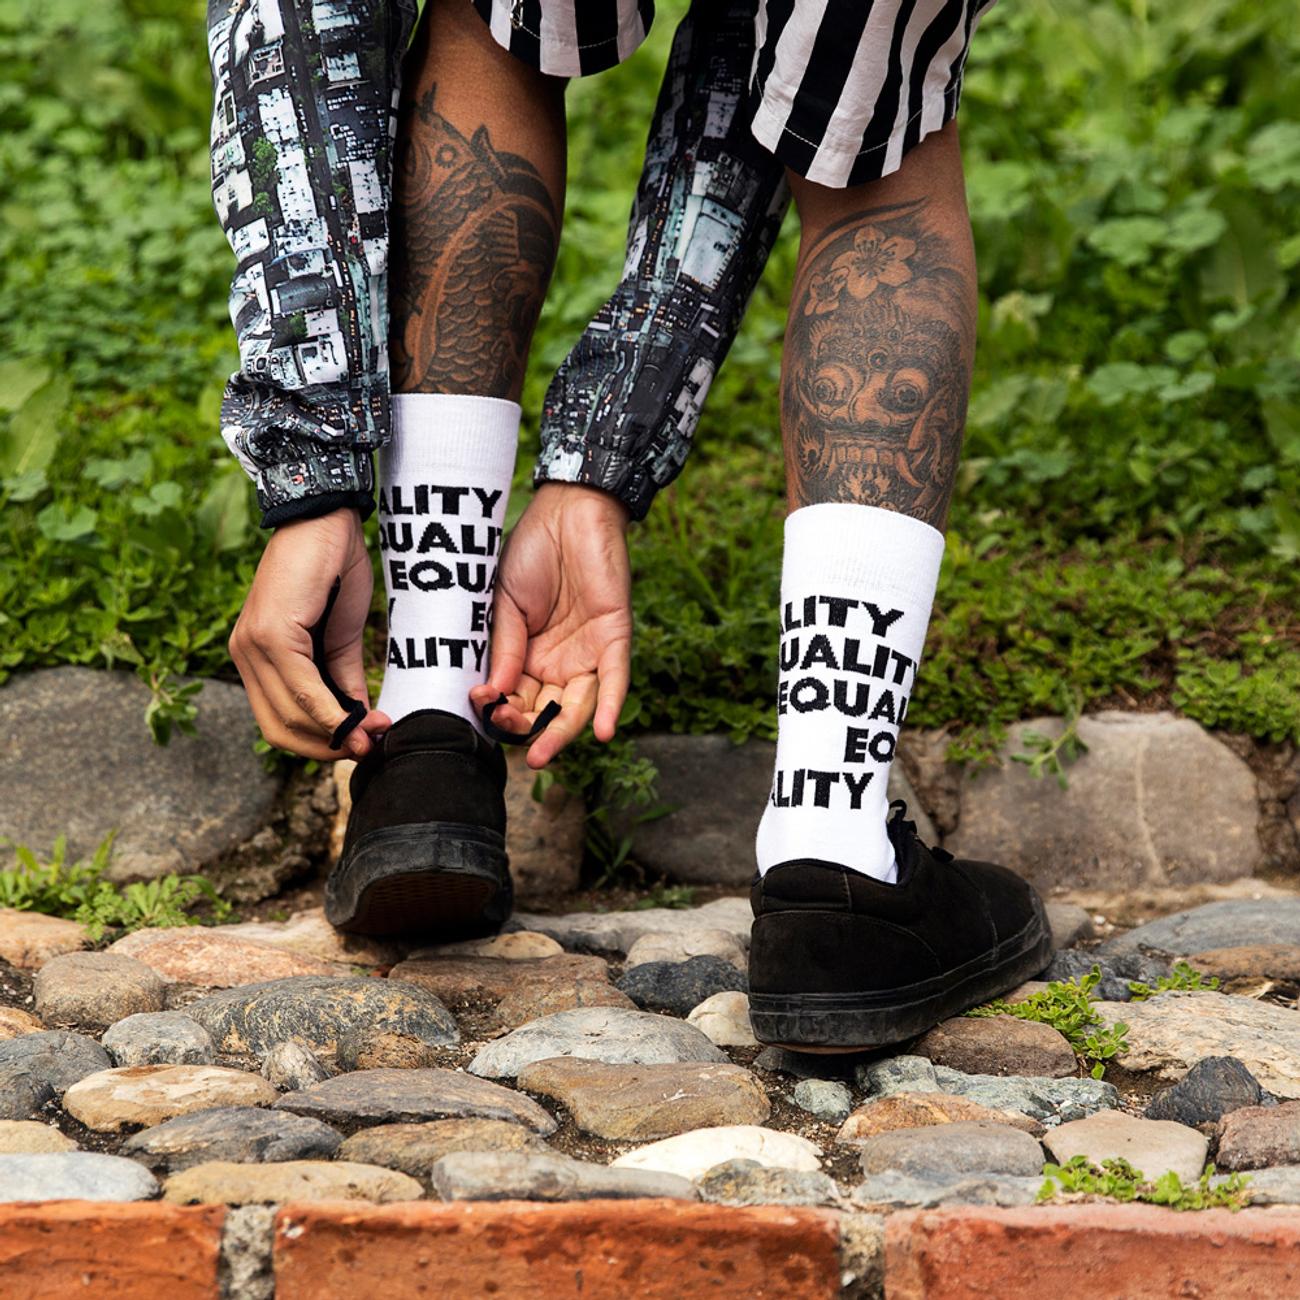 Socks Sigtuna Equality